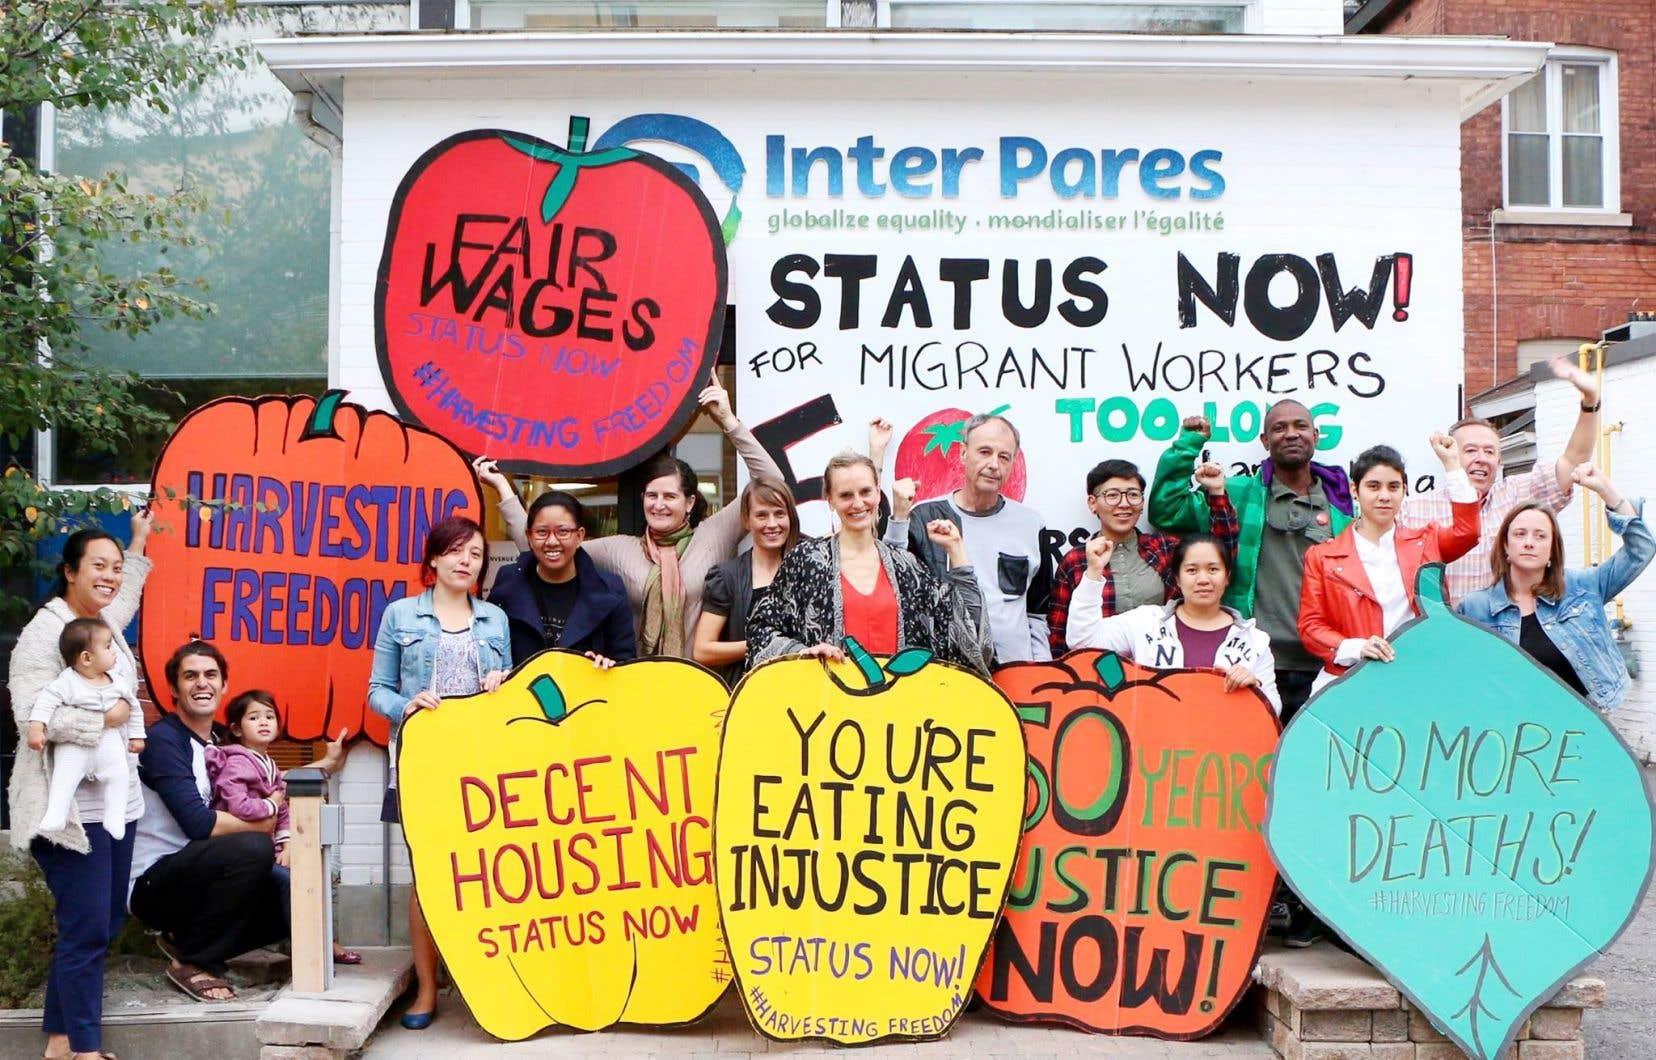 Des membres de l'équipe d'Inter Pares et des travailleurs migrants lors d'une caravane sur les droits des travailleurs migrants